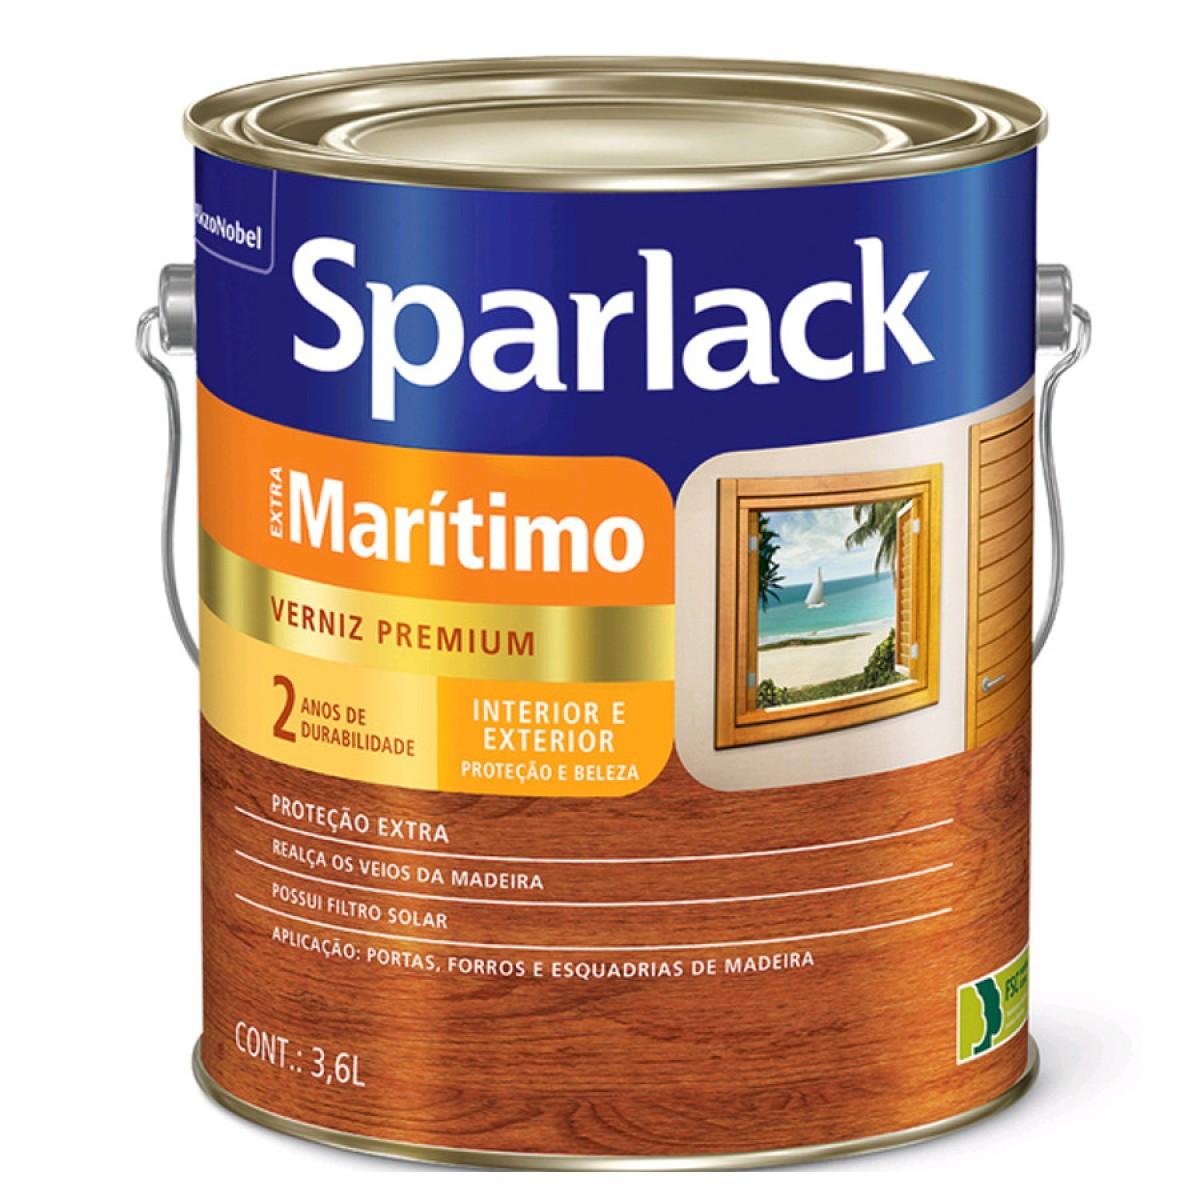 Verniz Sparlack Maritimo Fosco Galao 5203101